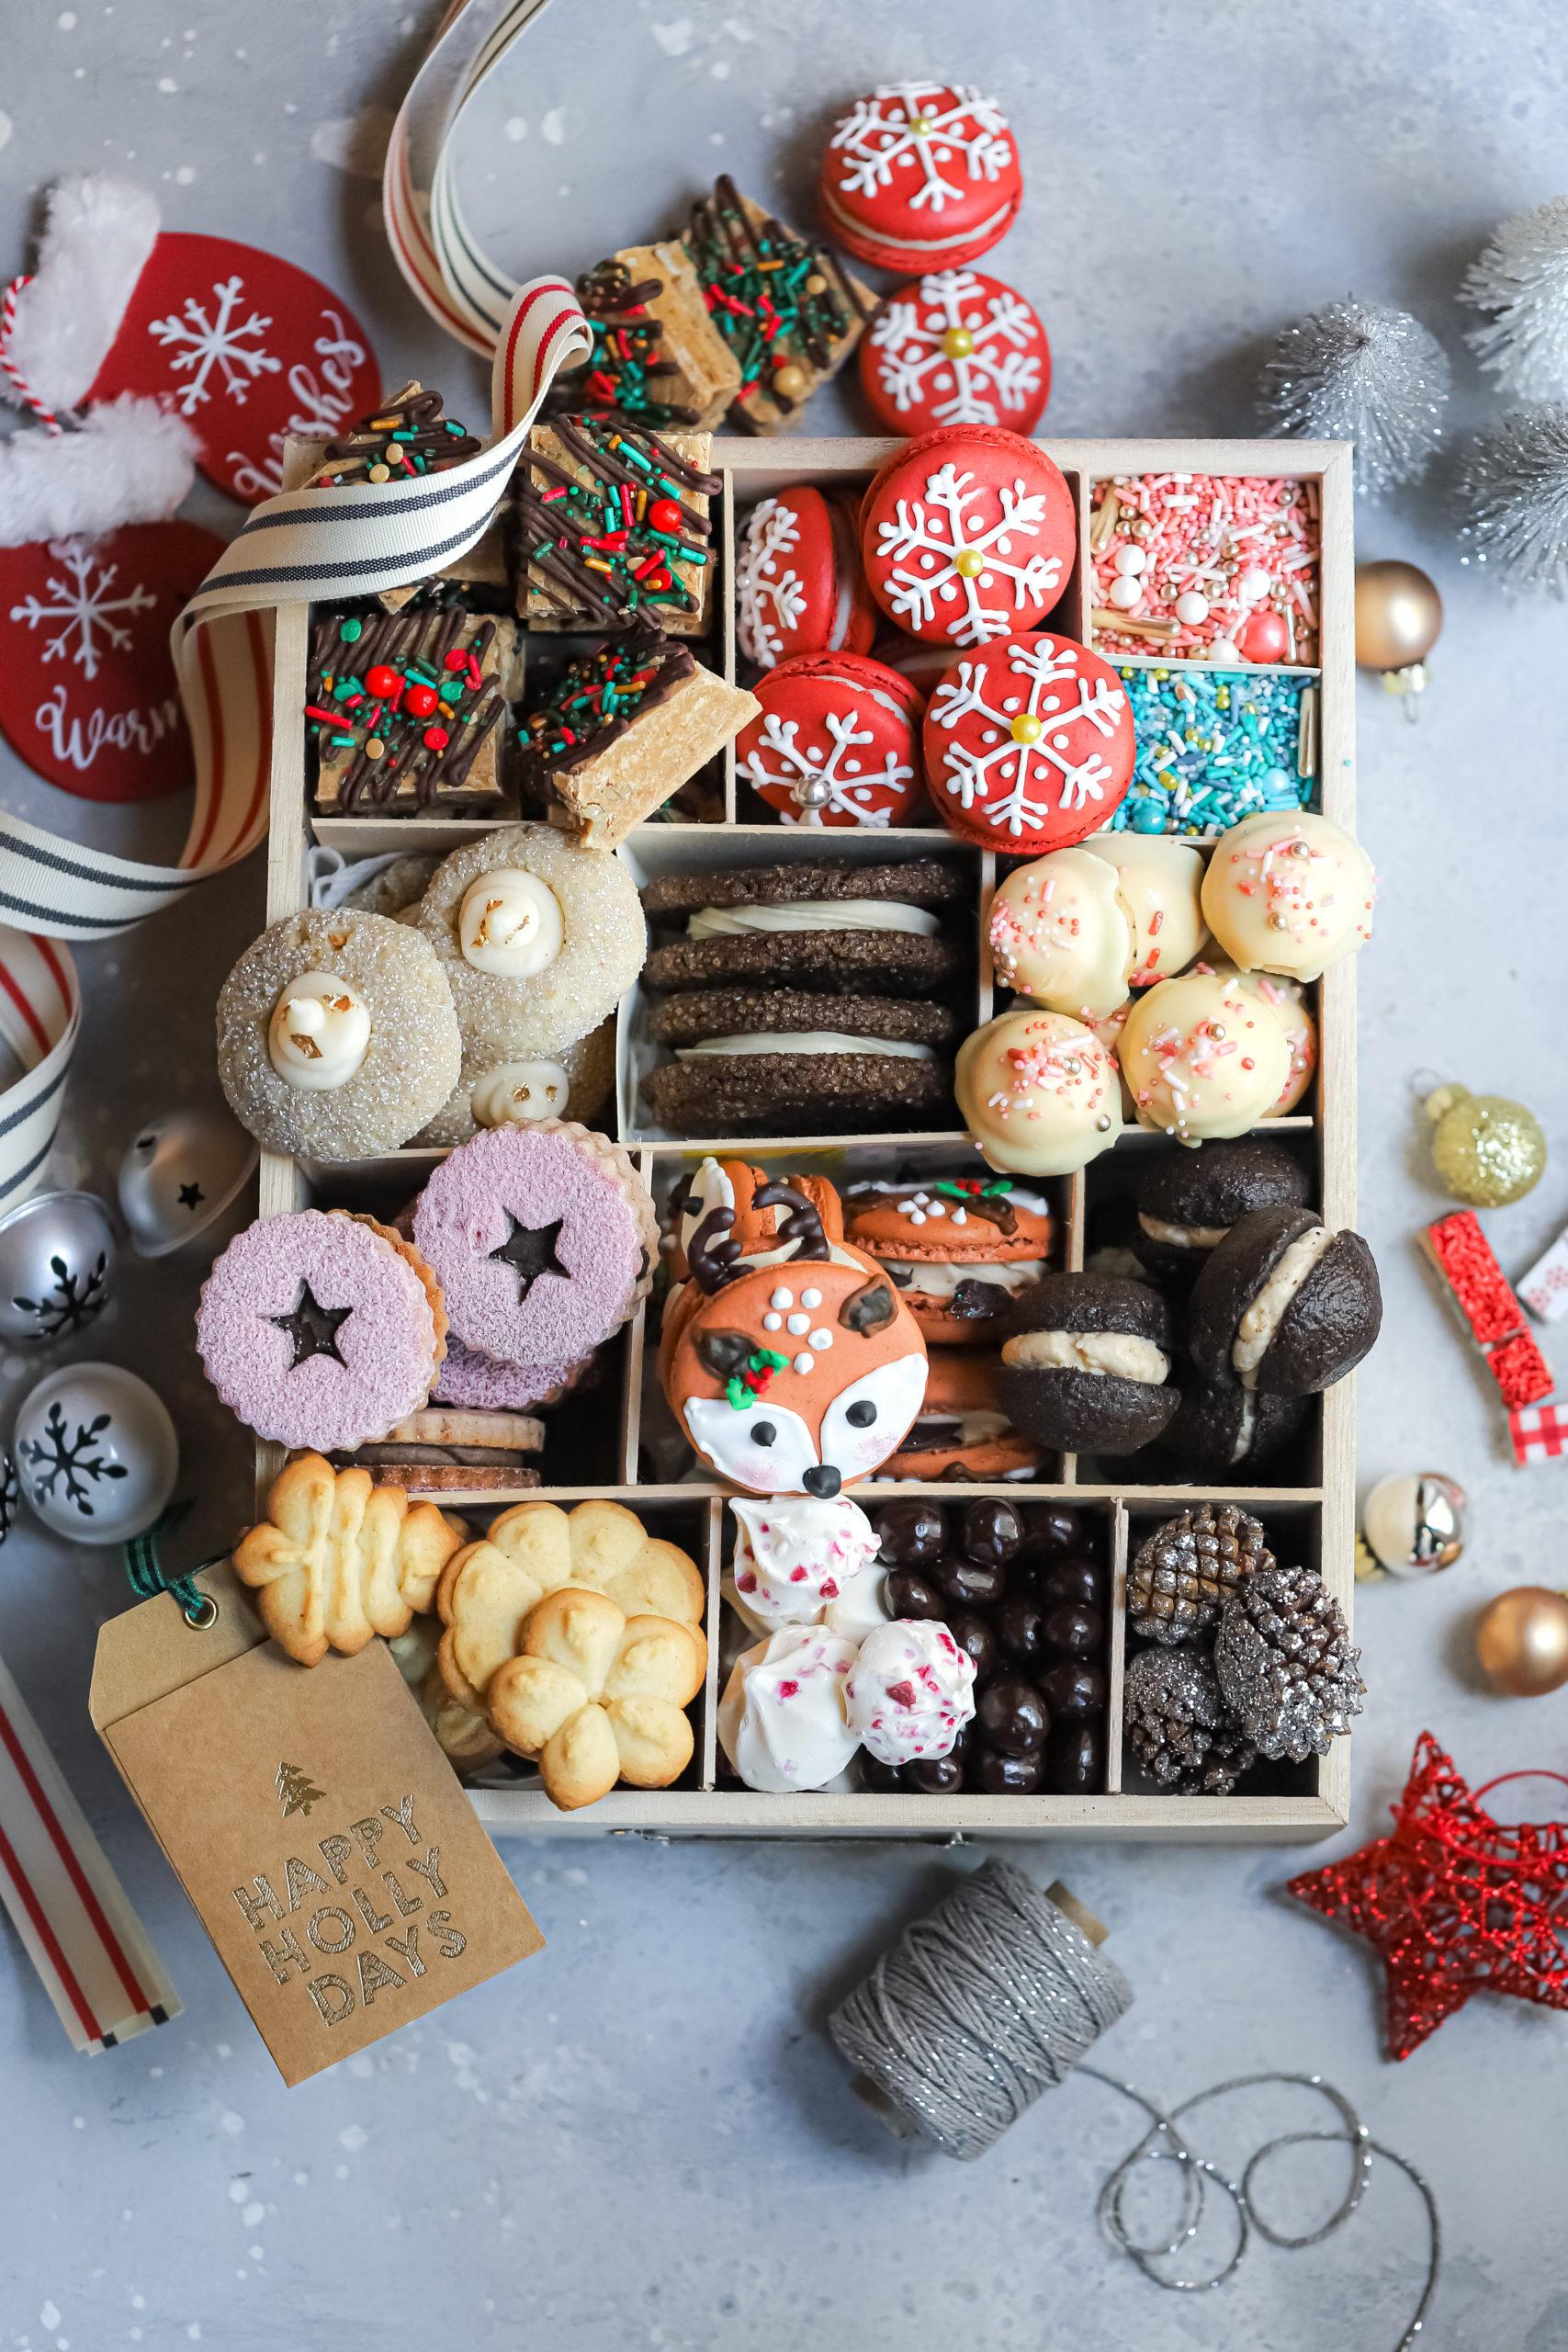 Amisha @thejamlab holiday cookie box!